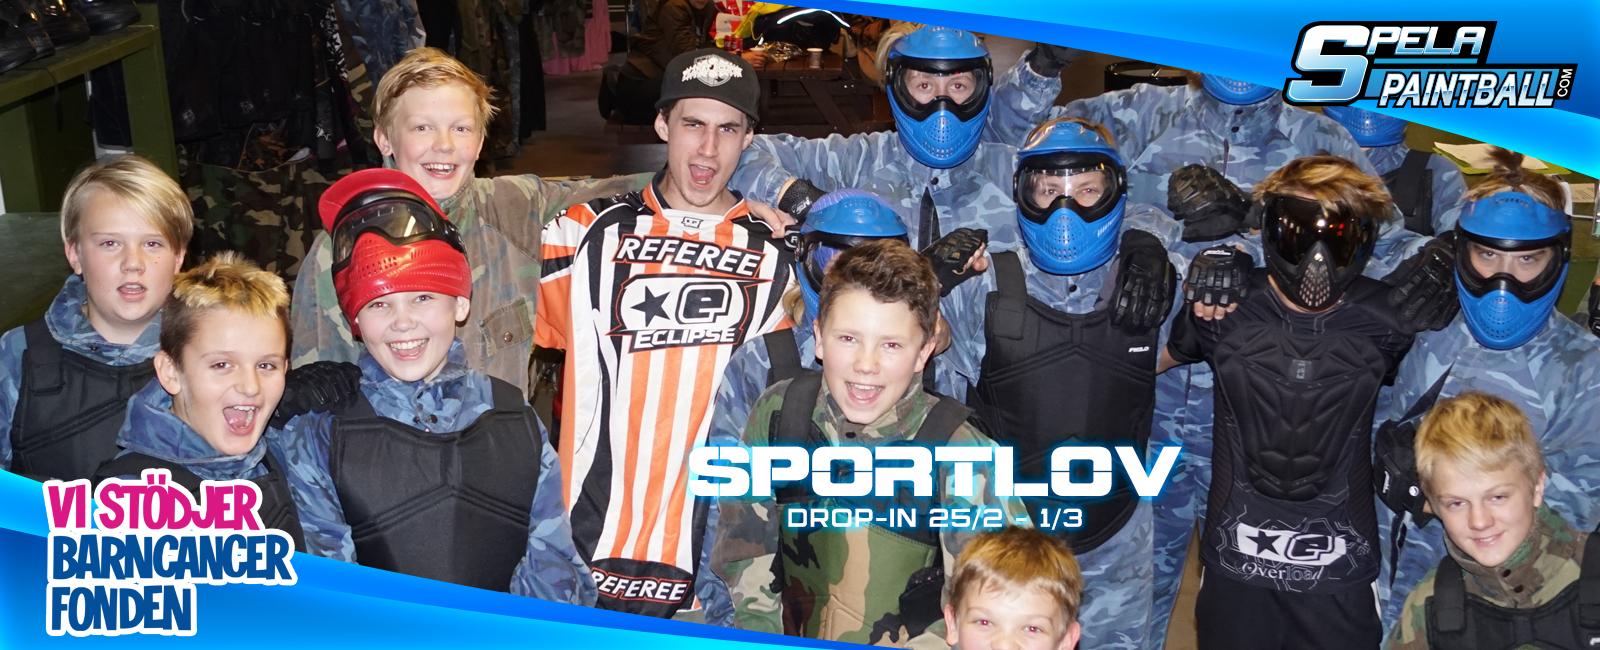 Sportlovs Drop-in